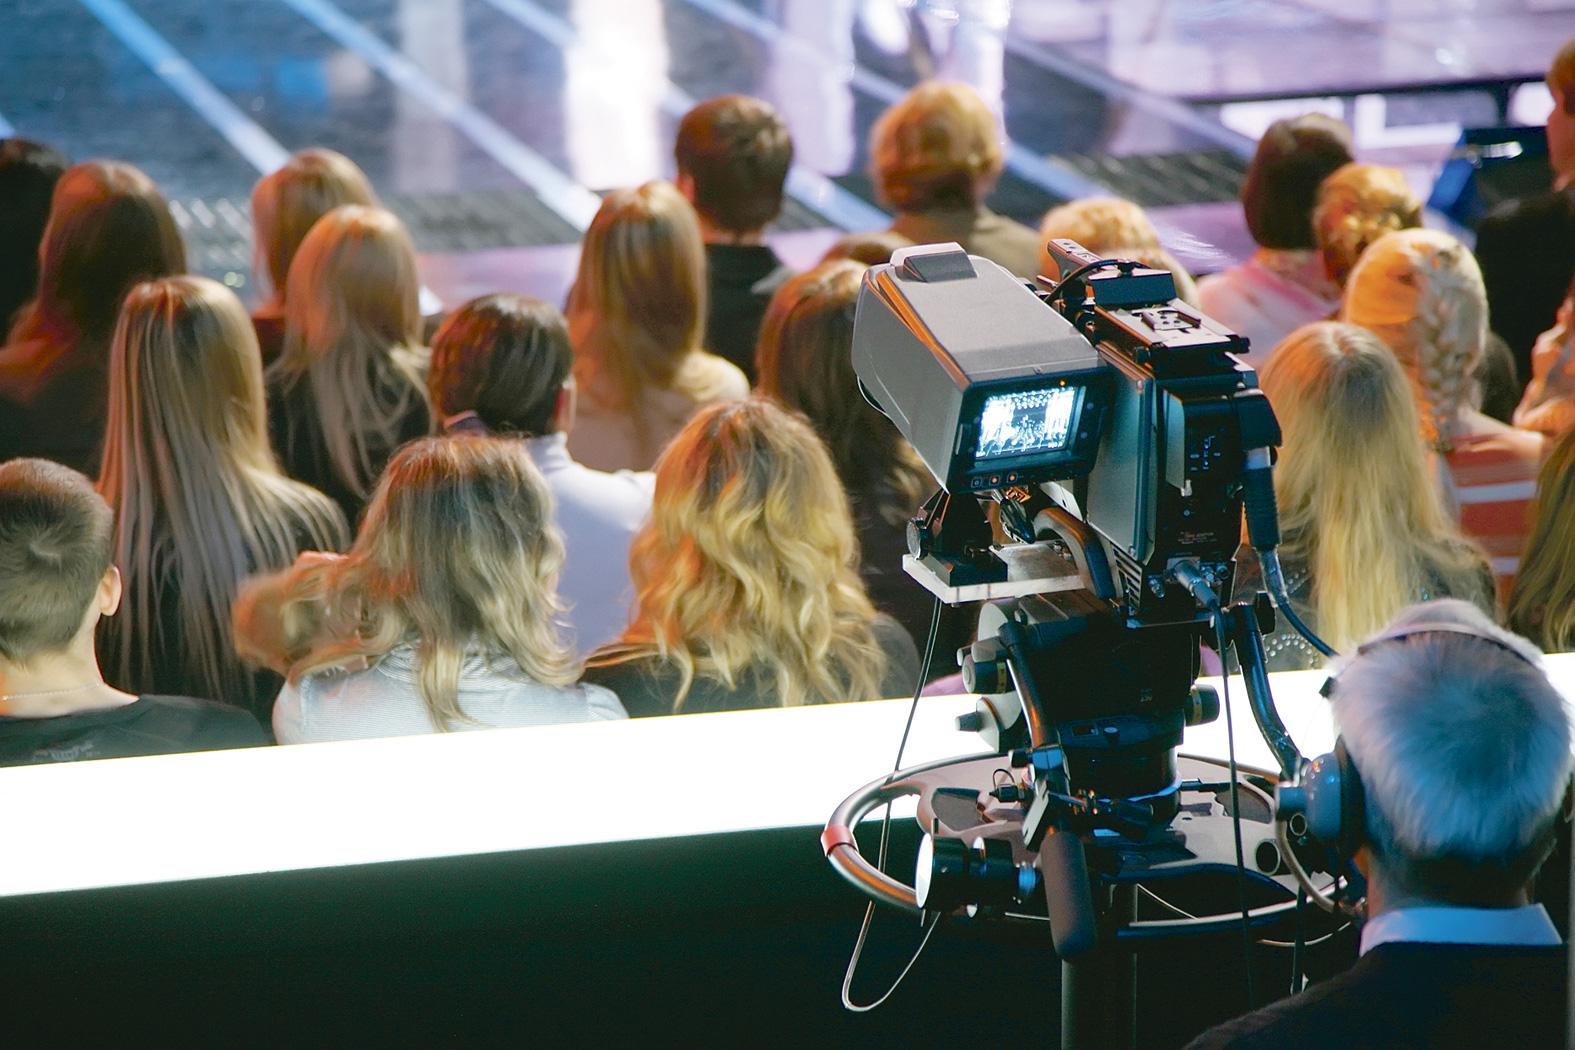 Ropotele de aplauze din platoul de filmare, pe bani puţini